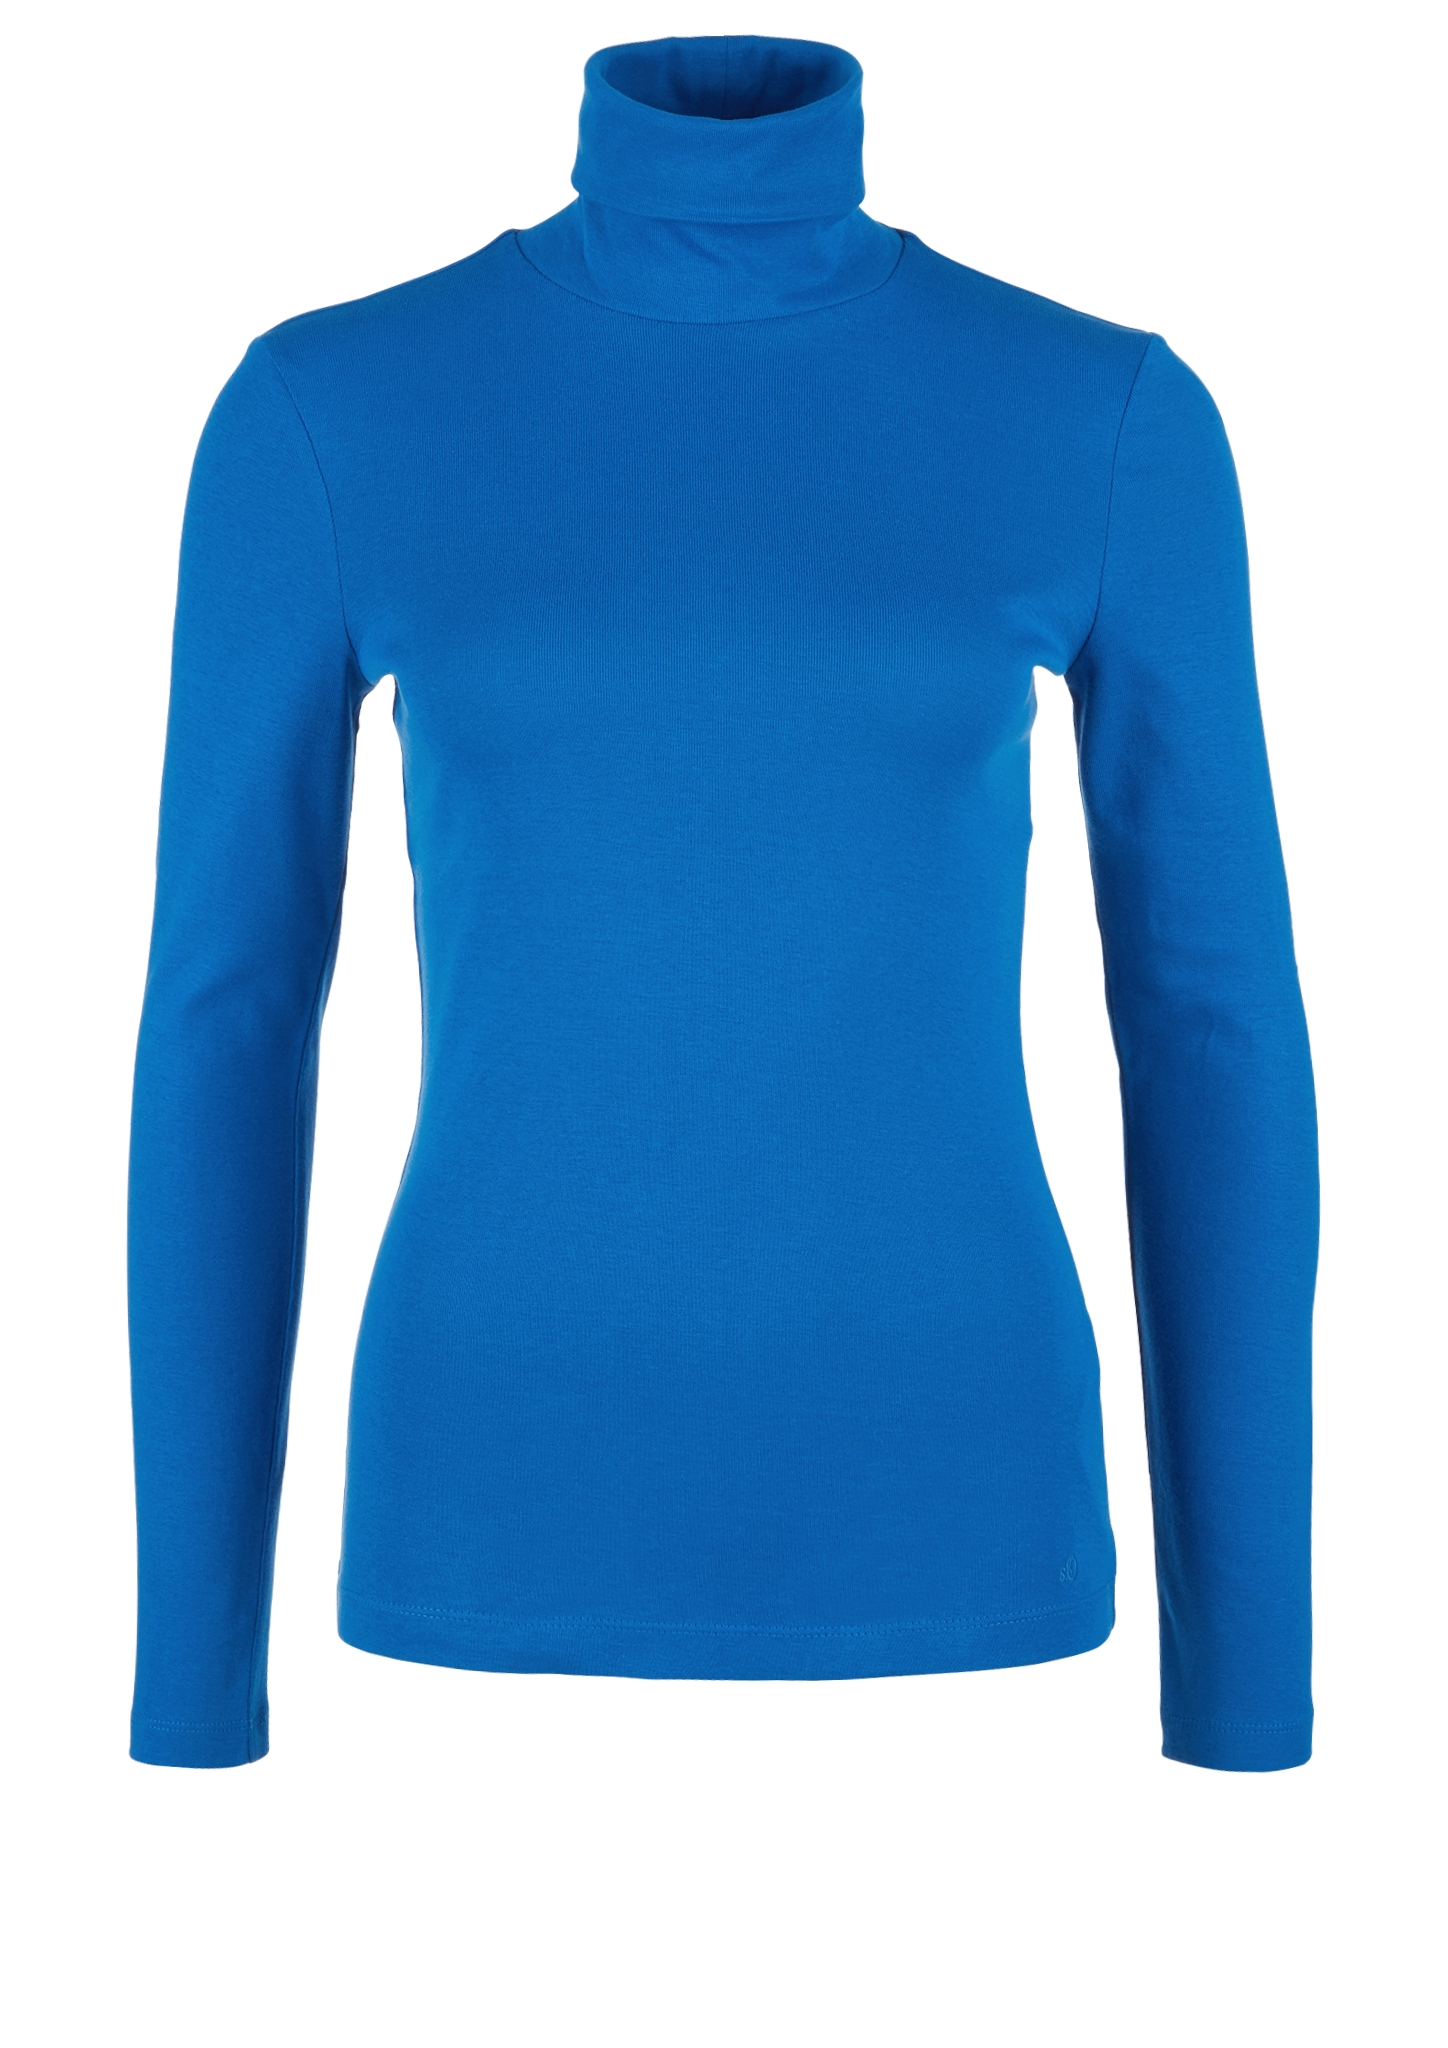 Rollkragenshirt | Bekleidung > Shirts > Rollkragenshirts | Blau | 100% baumwolle | s.Oliver